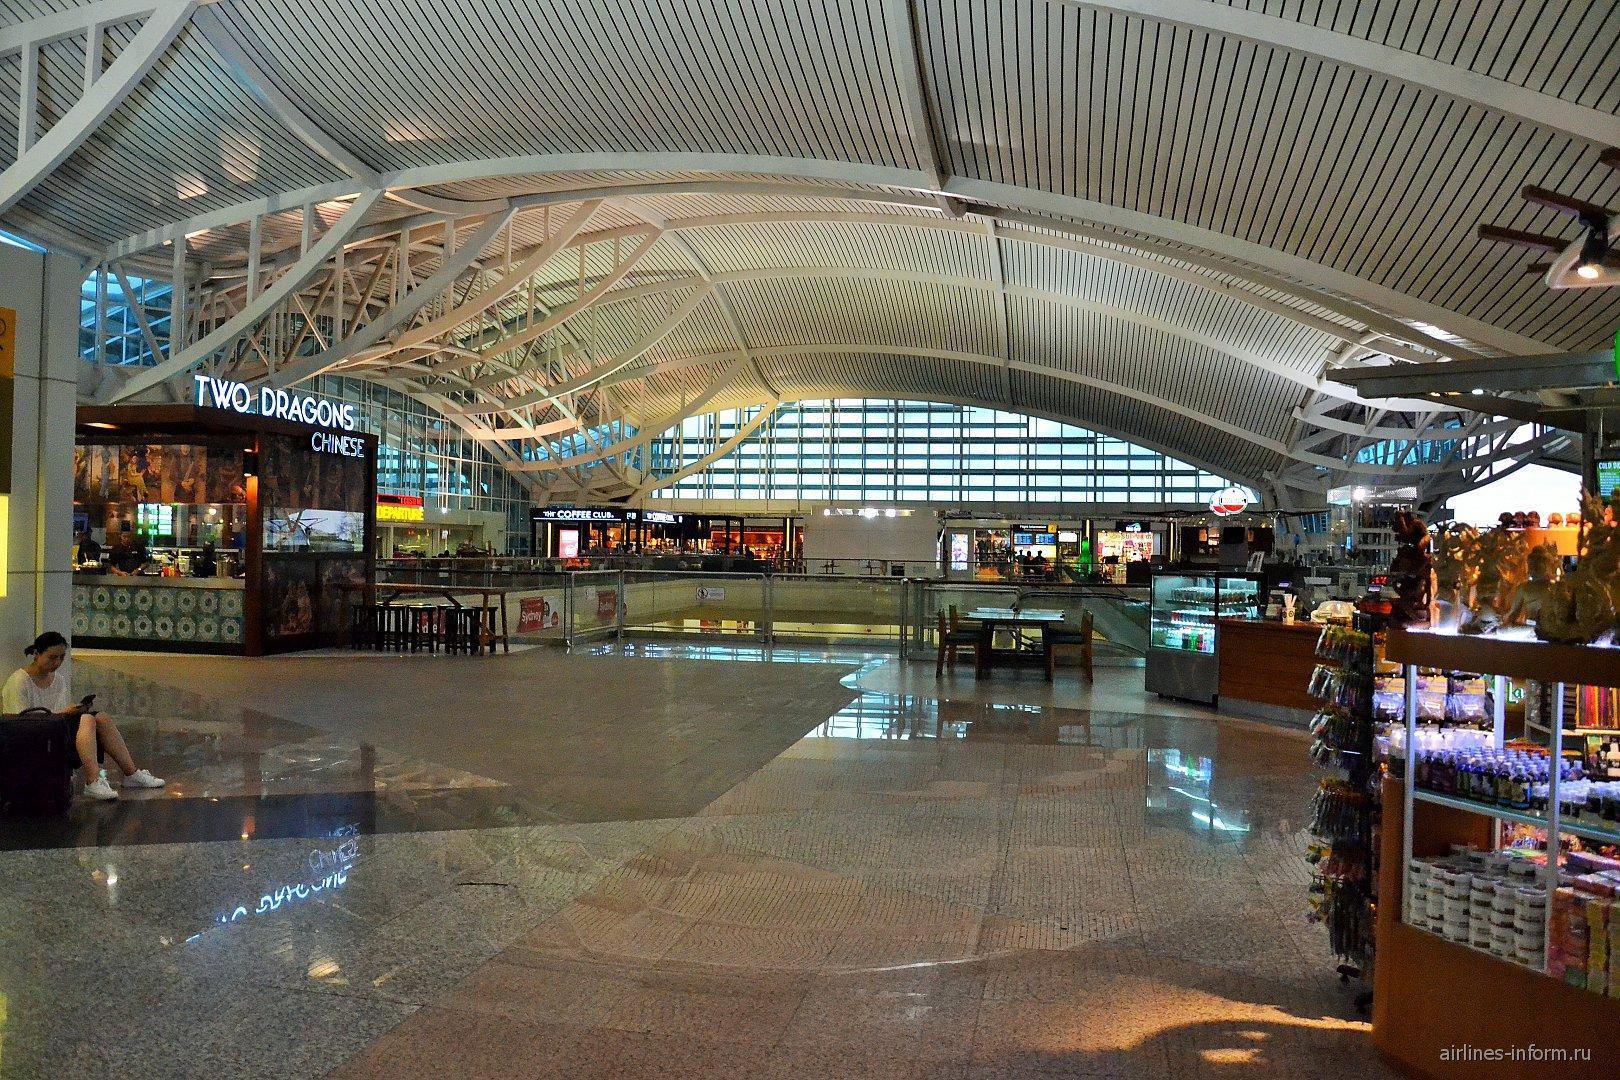 Пассажирский терминал аэропорта Денпасар Нгура Рай